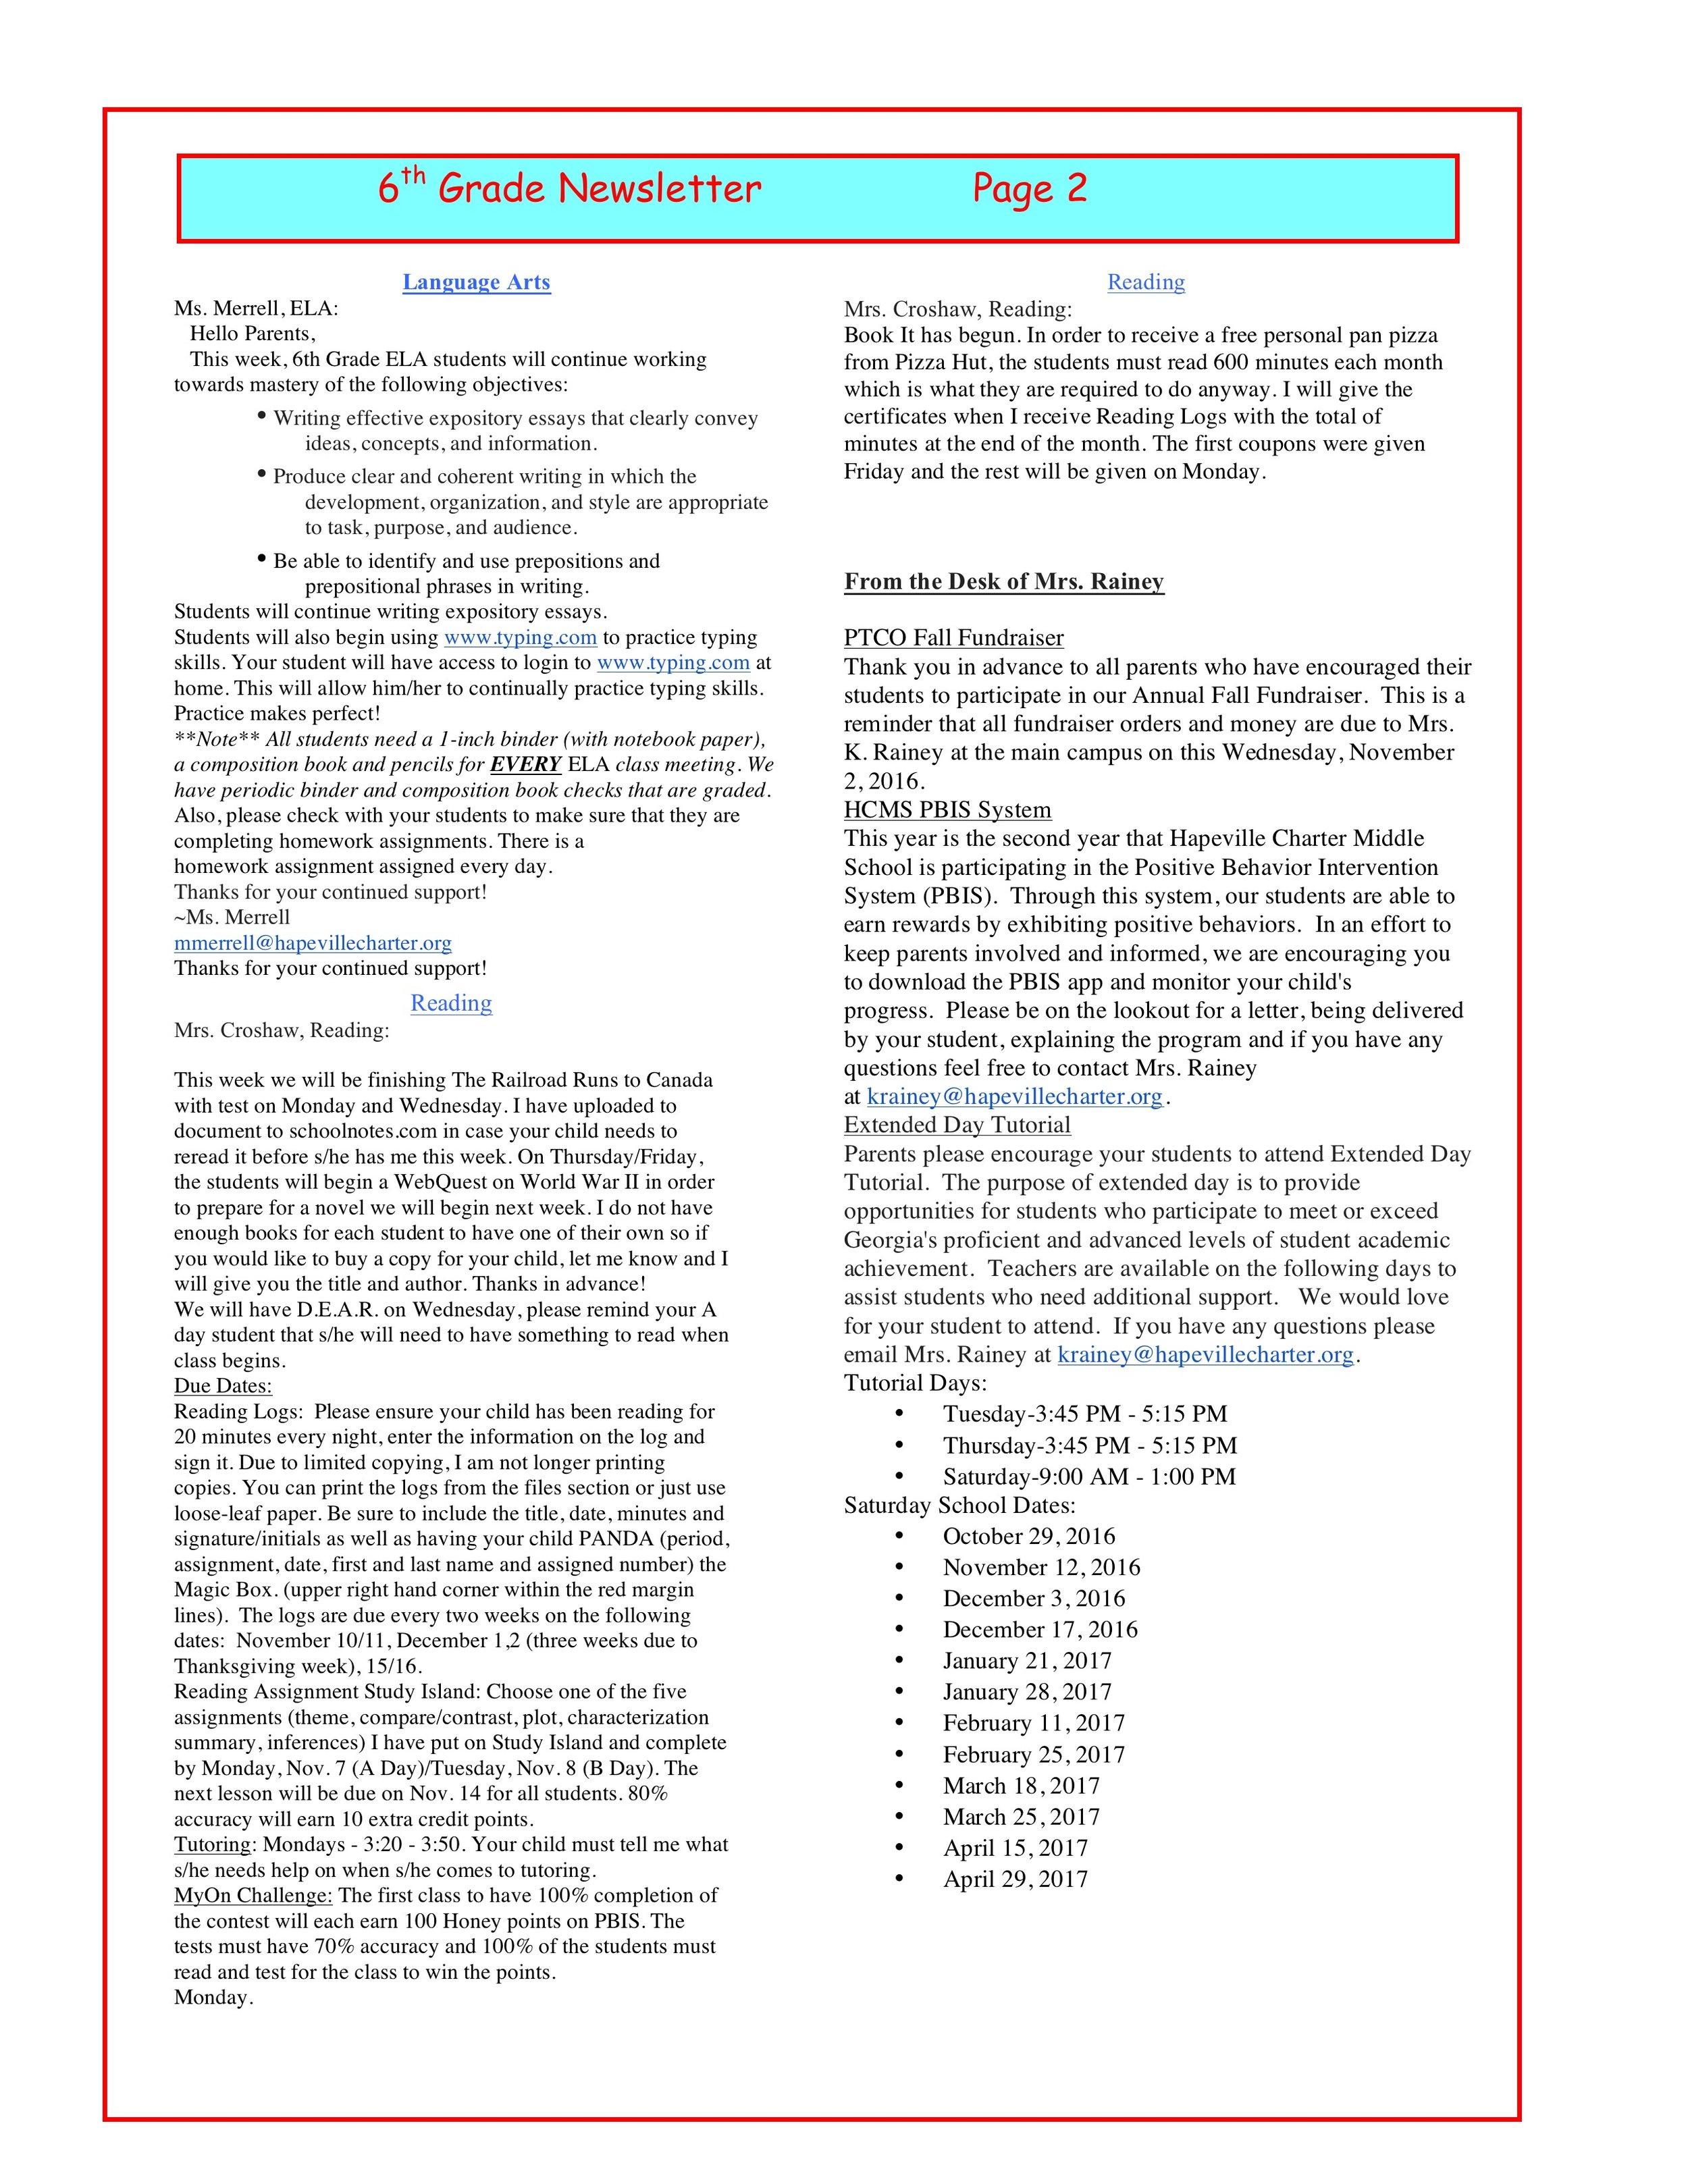 Newsletter Image6th Grade Newsletter 11-7-2016 2.jpeg